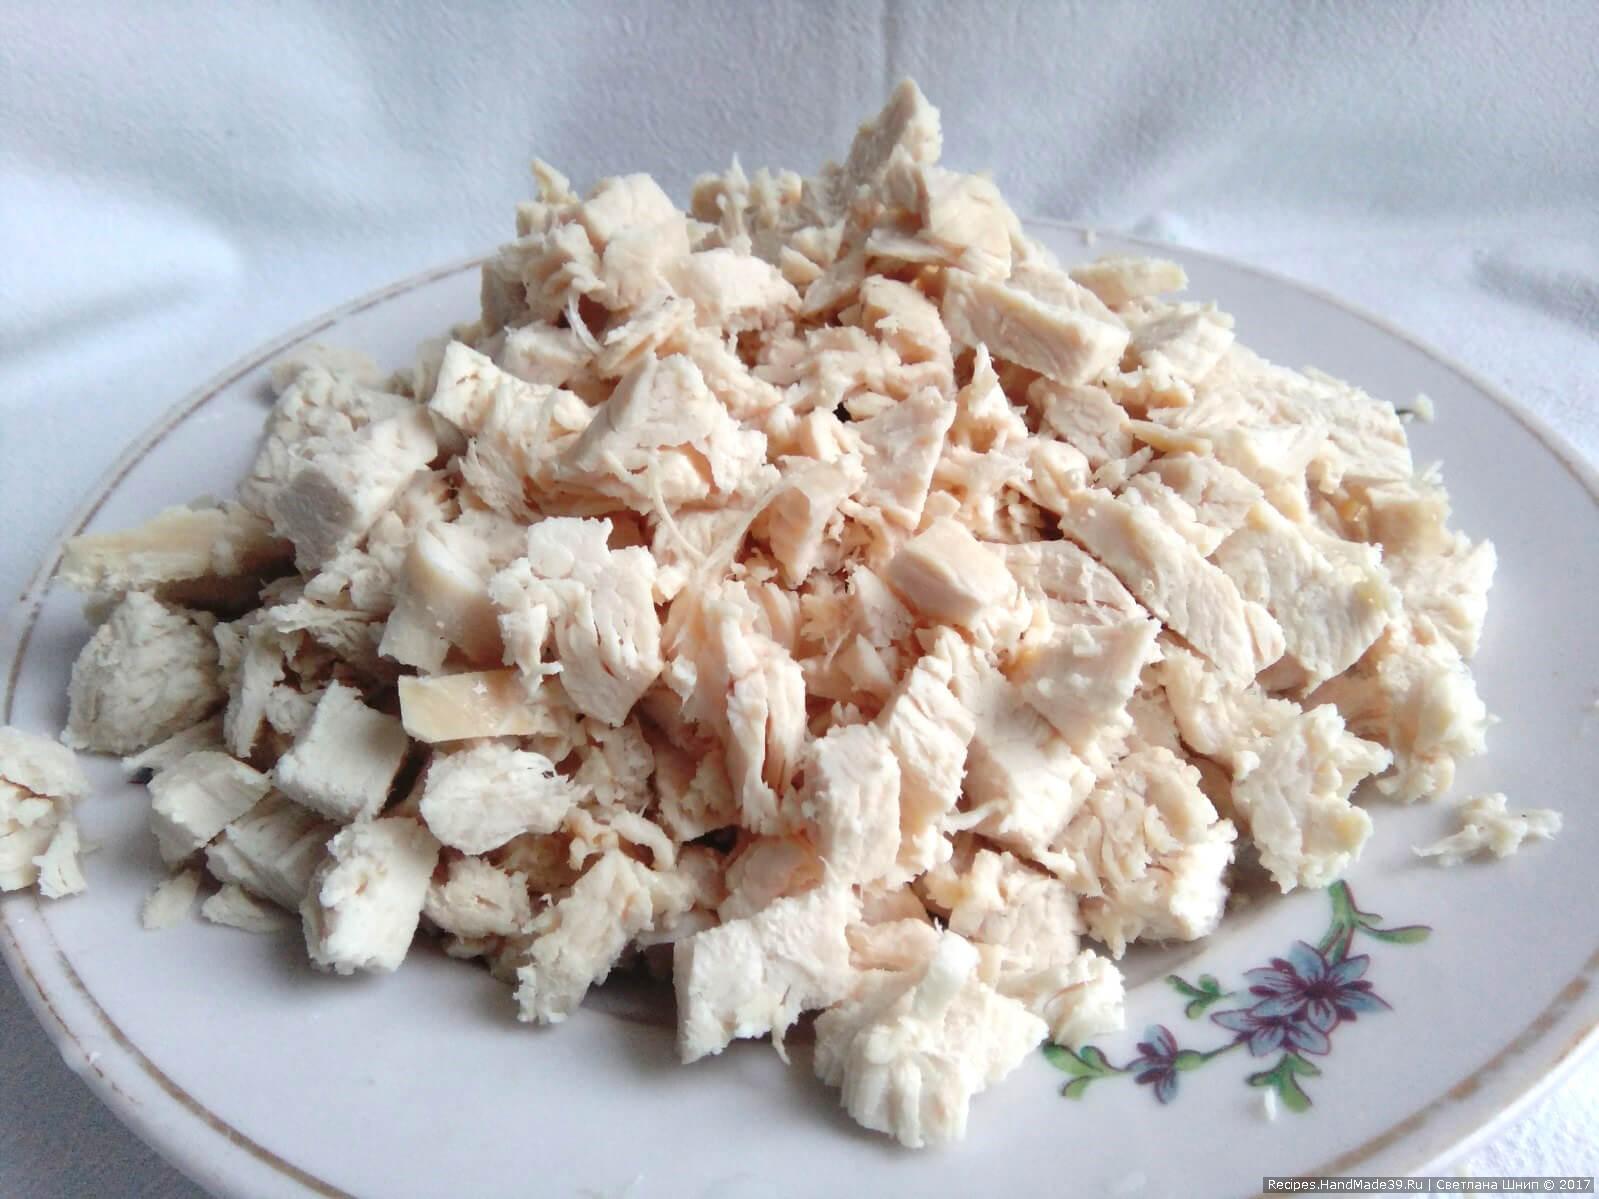 Куриные грудки отварить в подсоленной воде, добавить в воду лавровый лист. Готовое мясо выложить, мелко порезать и переложить в свободную тарелку